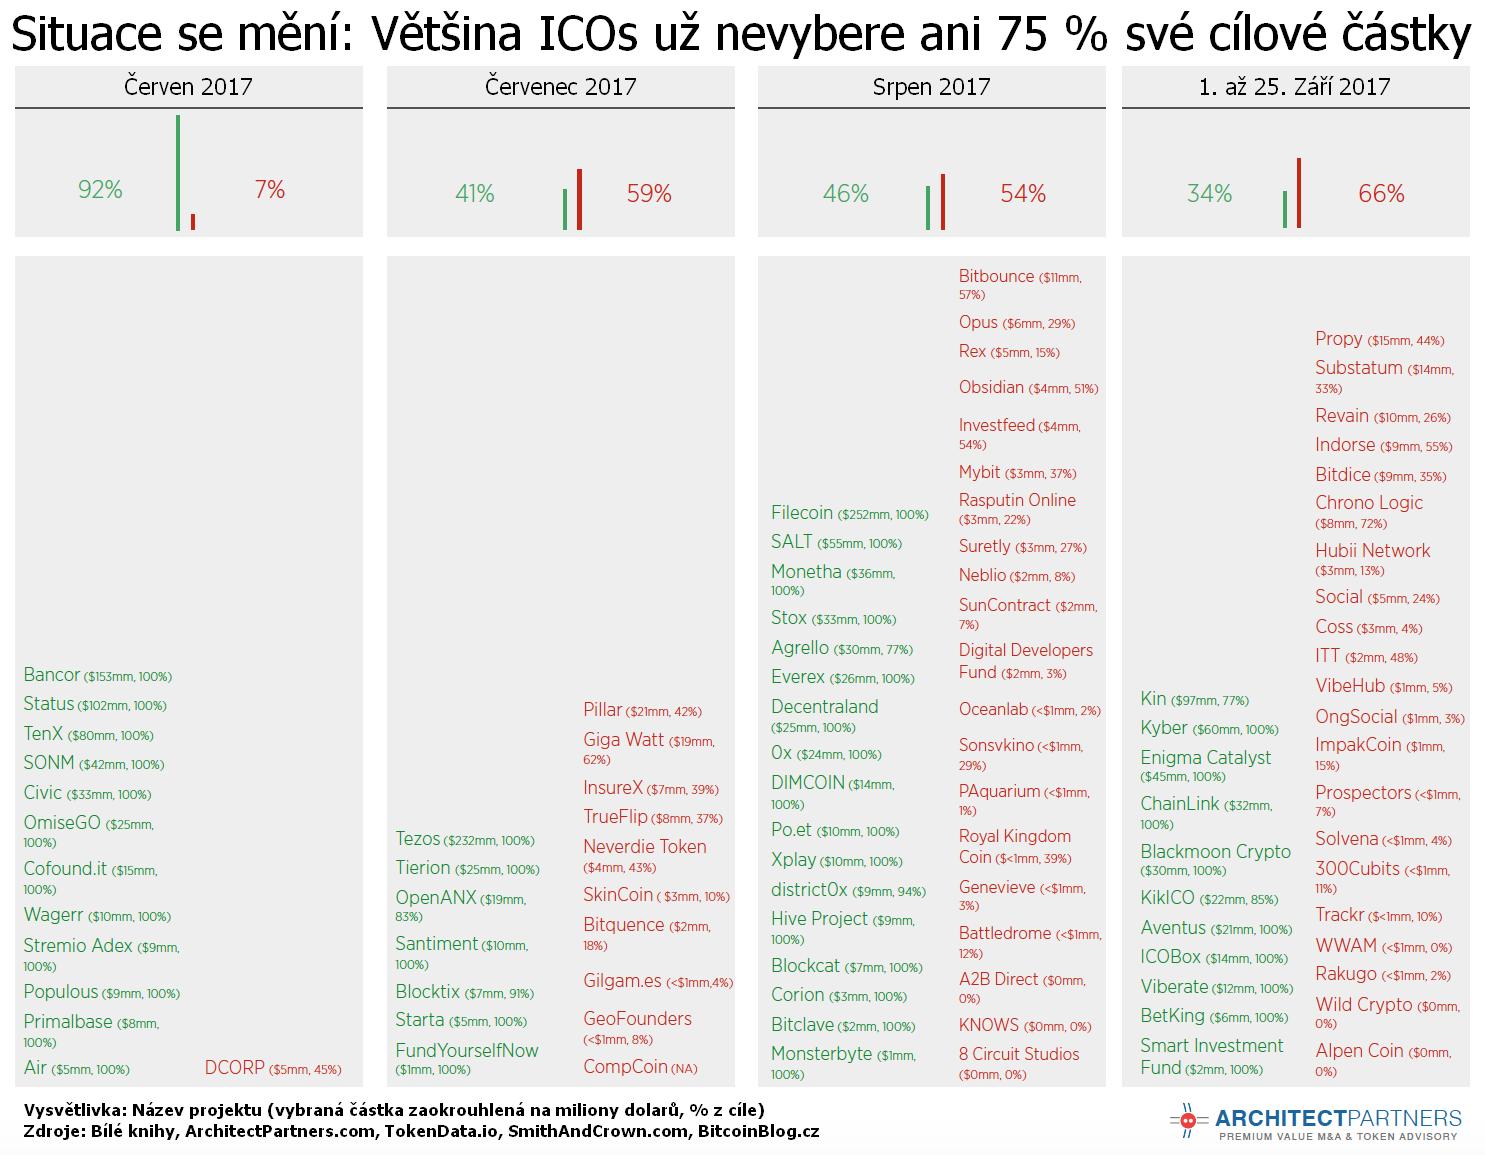 Tabulka: Situace se mění. Většina ICOs už nevybere ani 75 % své cílové částky